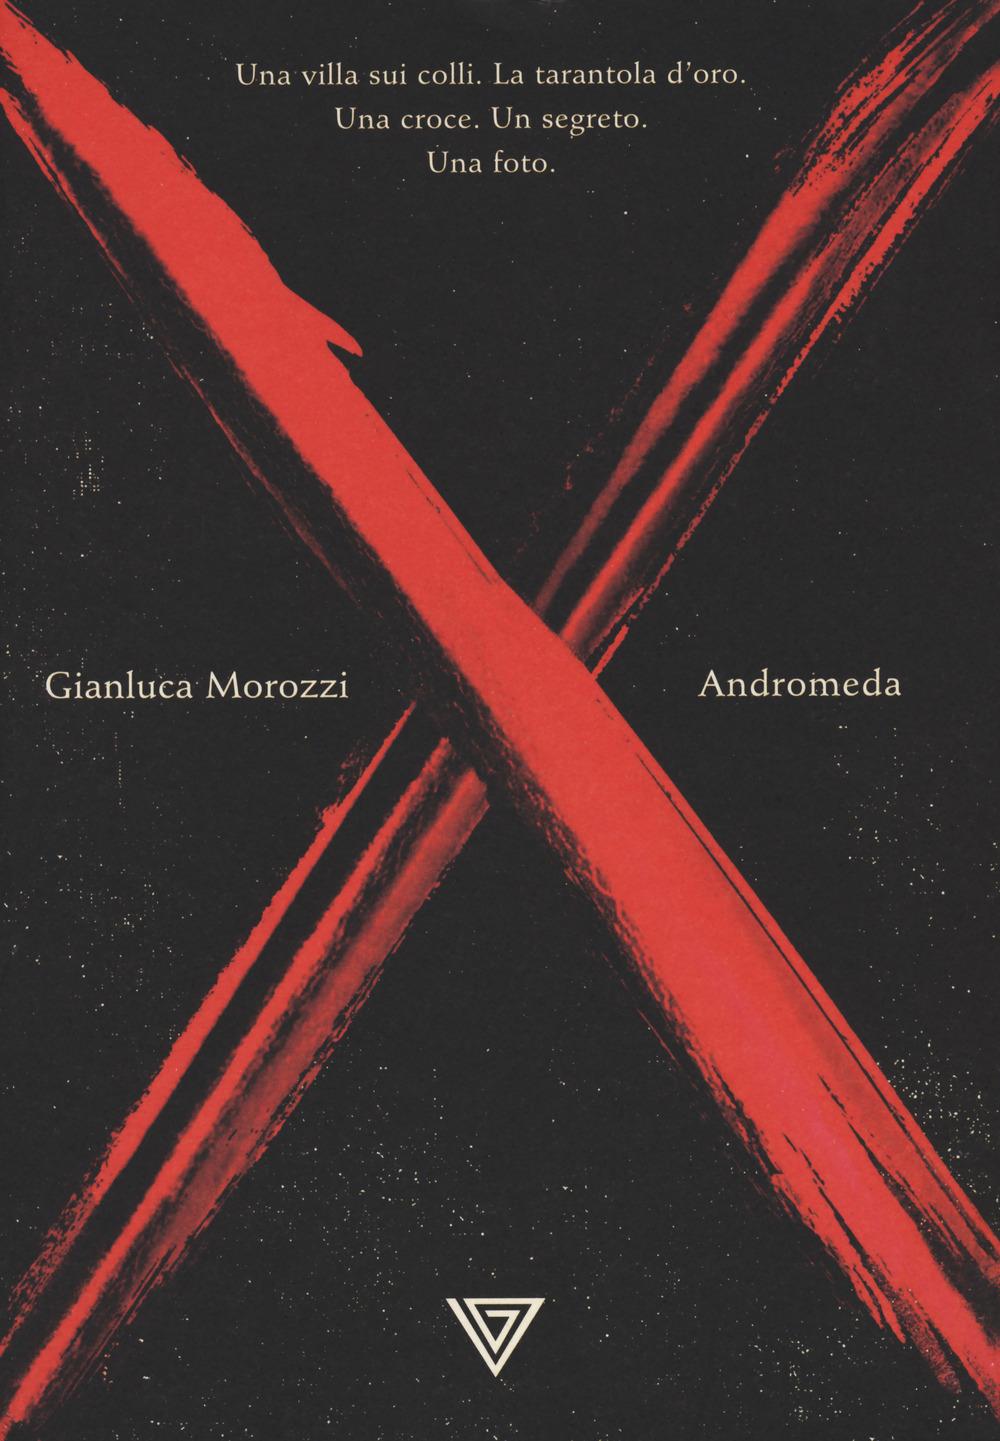 Gianluca Morozzi – Andromeda